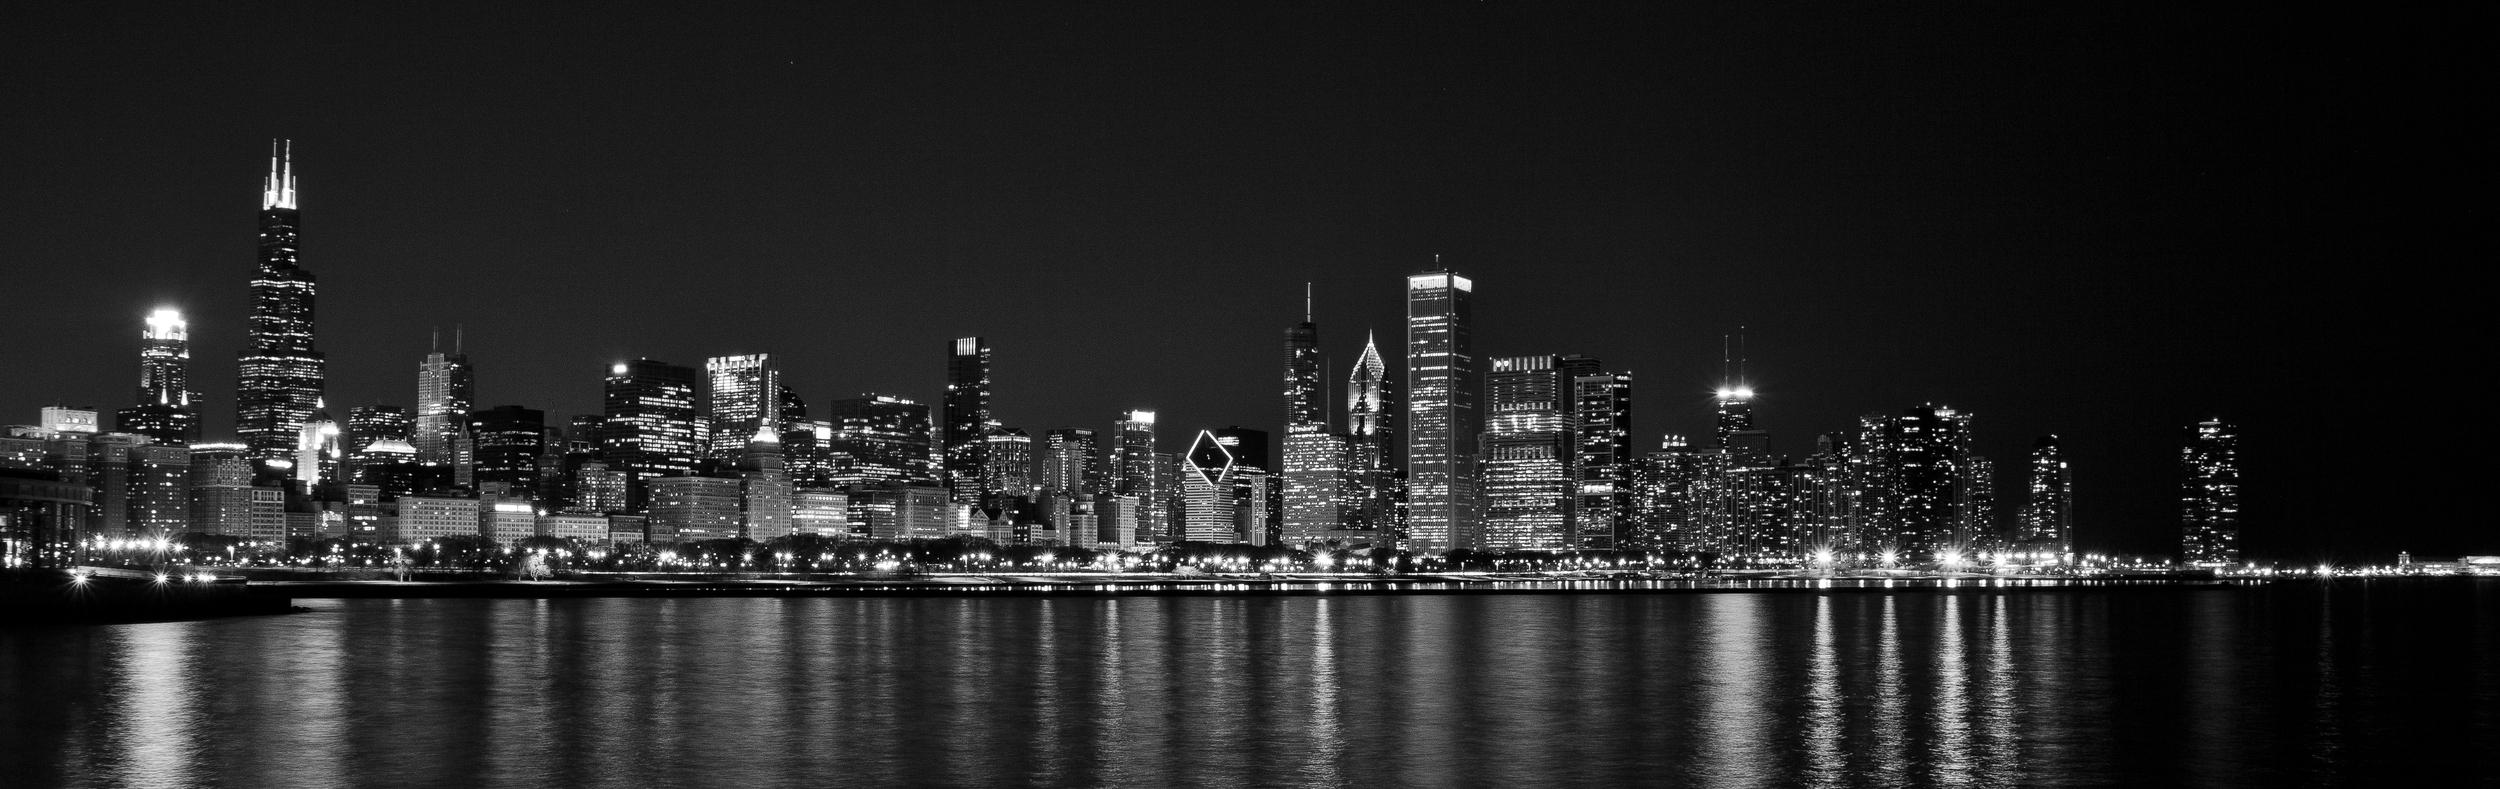 black and white chicago skyline.jpg